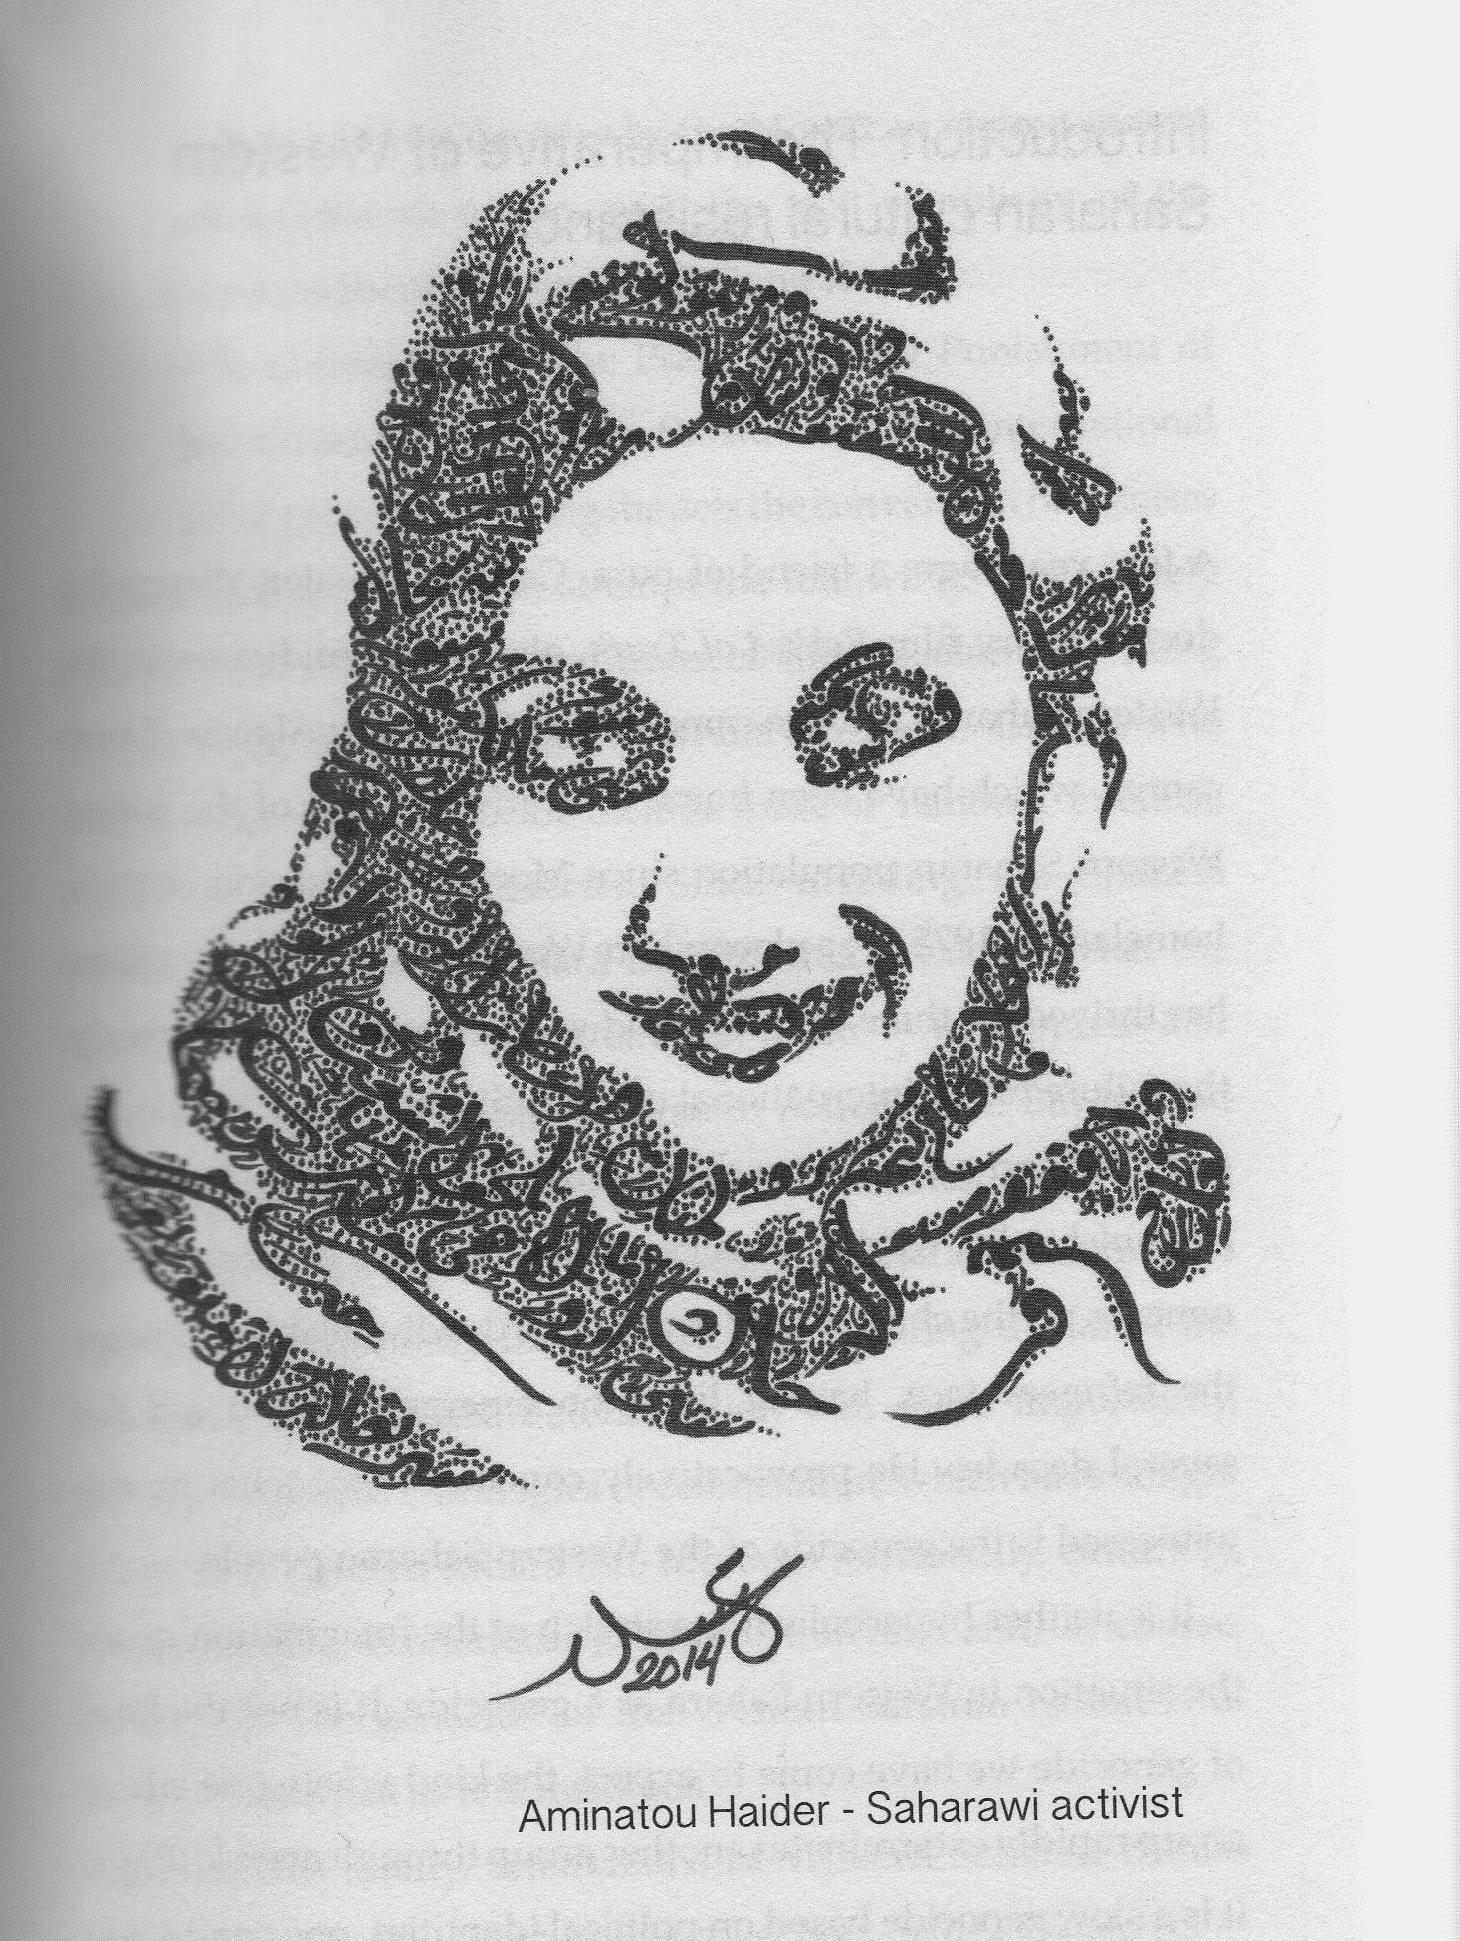 Aminatou Haider